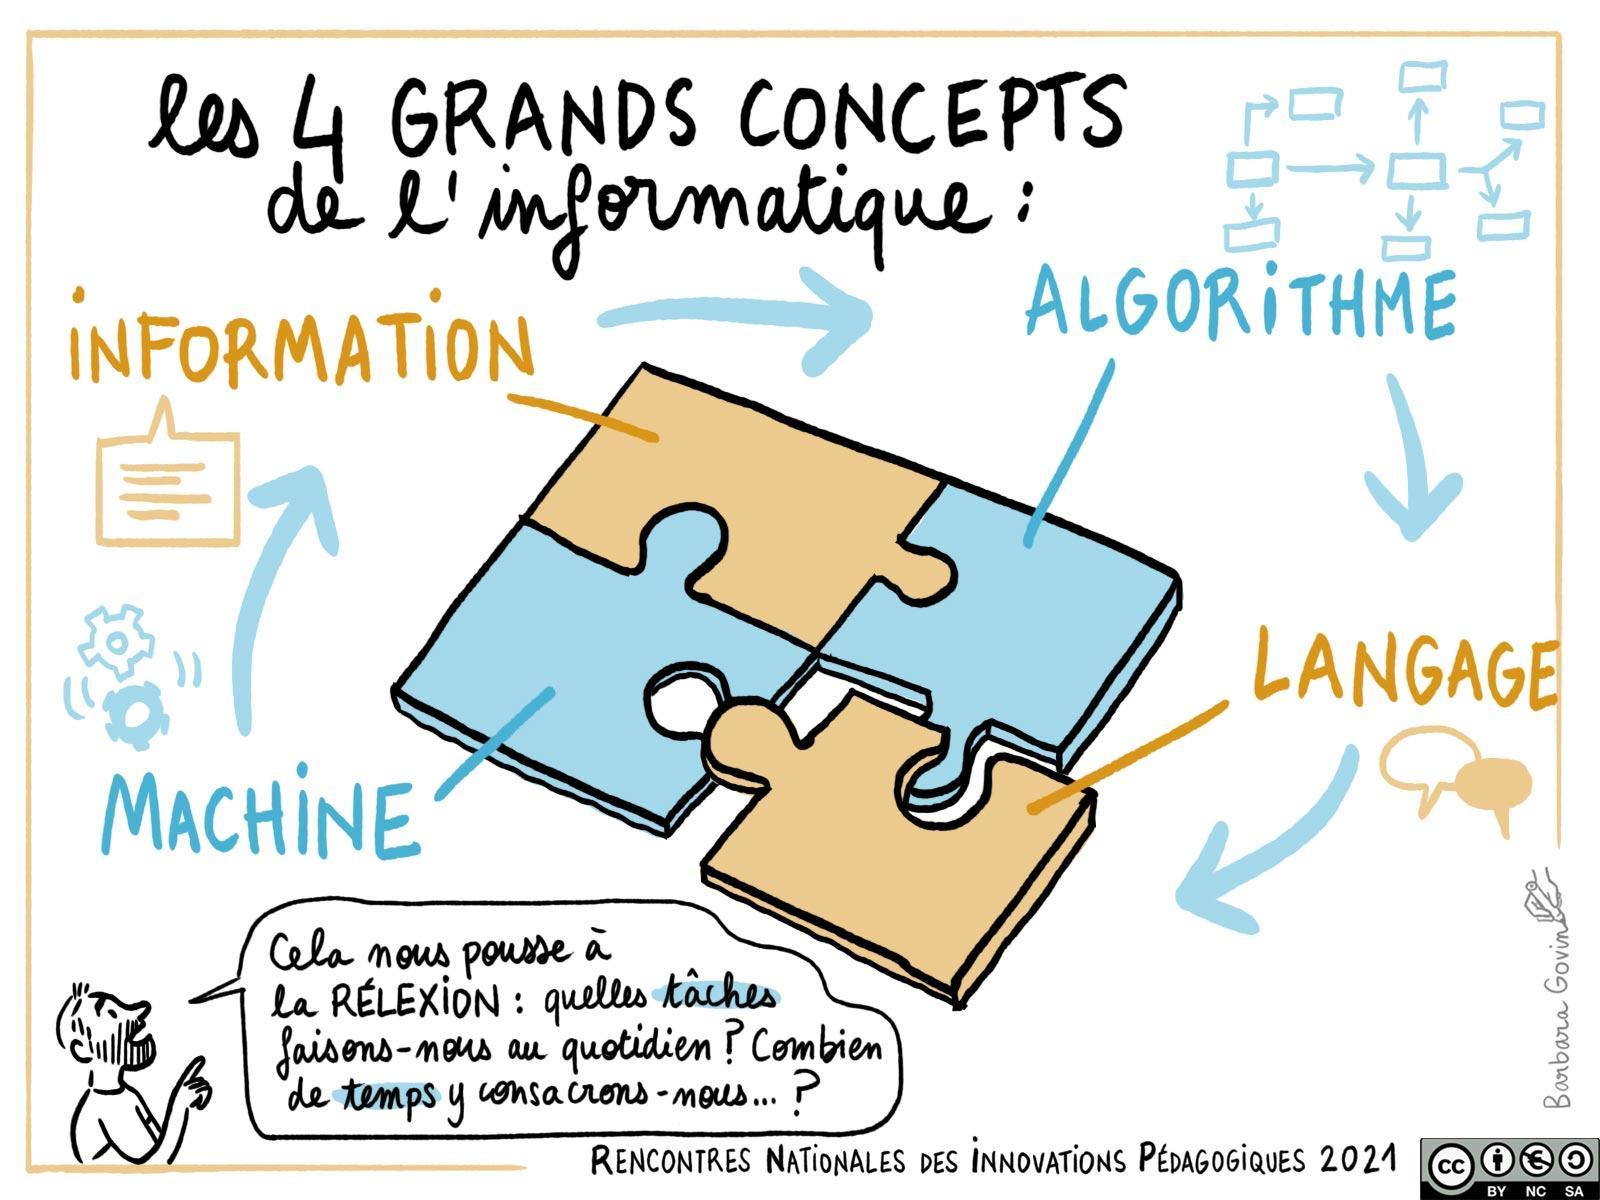 02. Gilles Dowek - Grand concepts de l'informatique